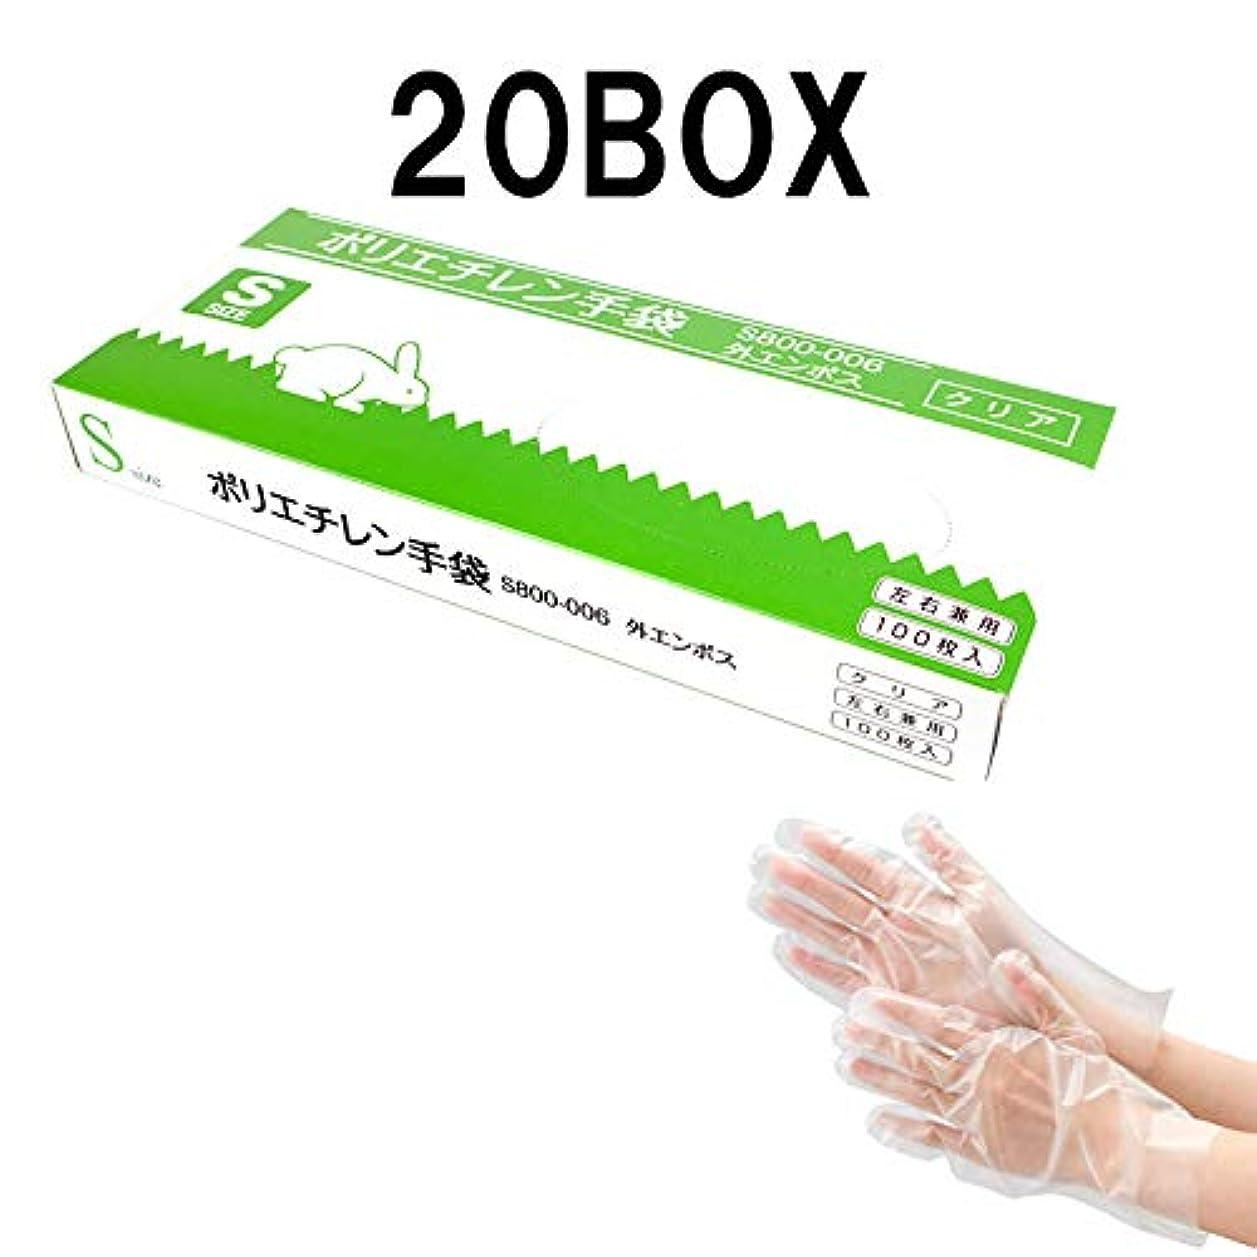 嫌な保険挑発する(2000枚) 使い捨て ポリエチレン手袋 Sサイズ 100枚入り×20BOX クリア色 左右兼用 外エンボス 食品衛生法適合品